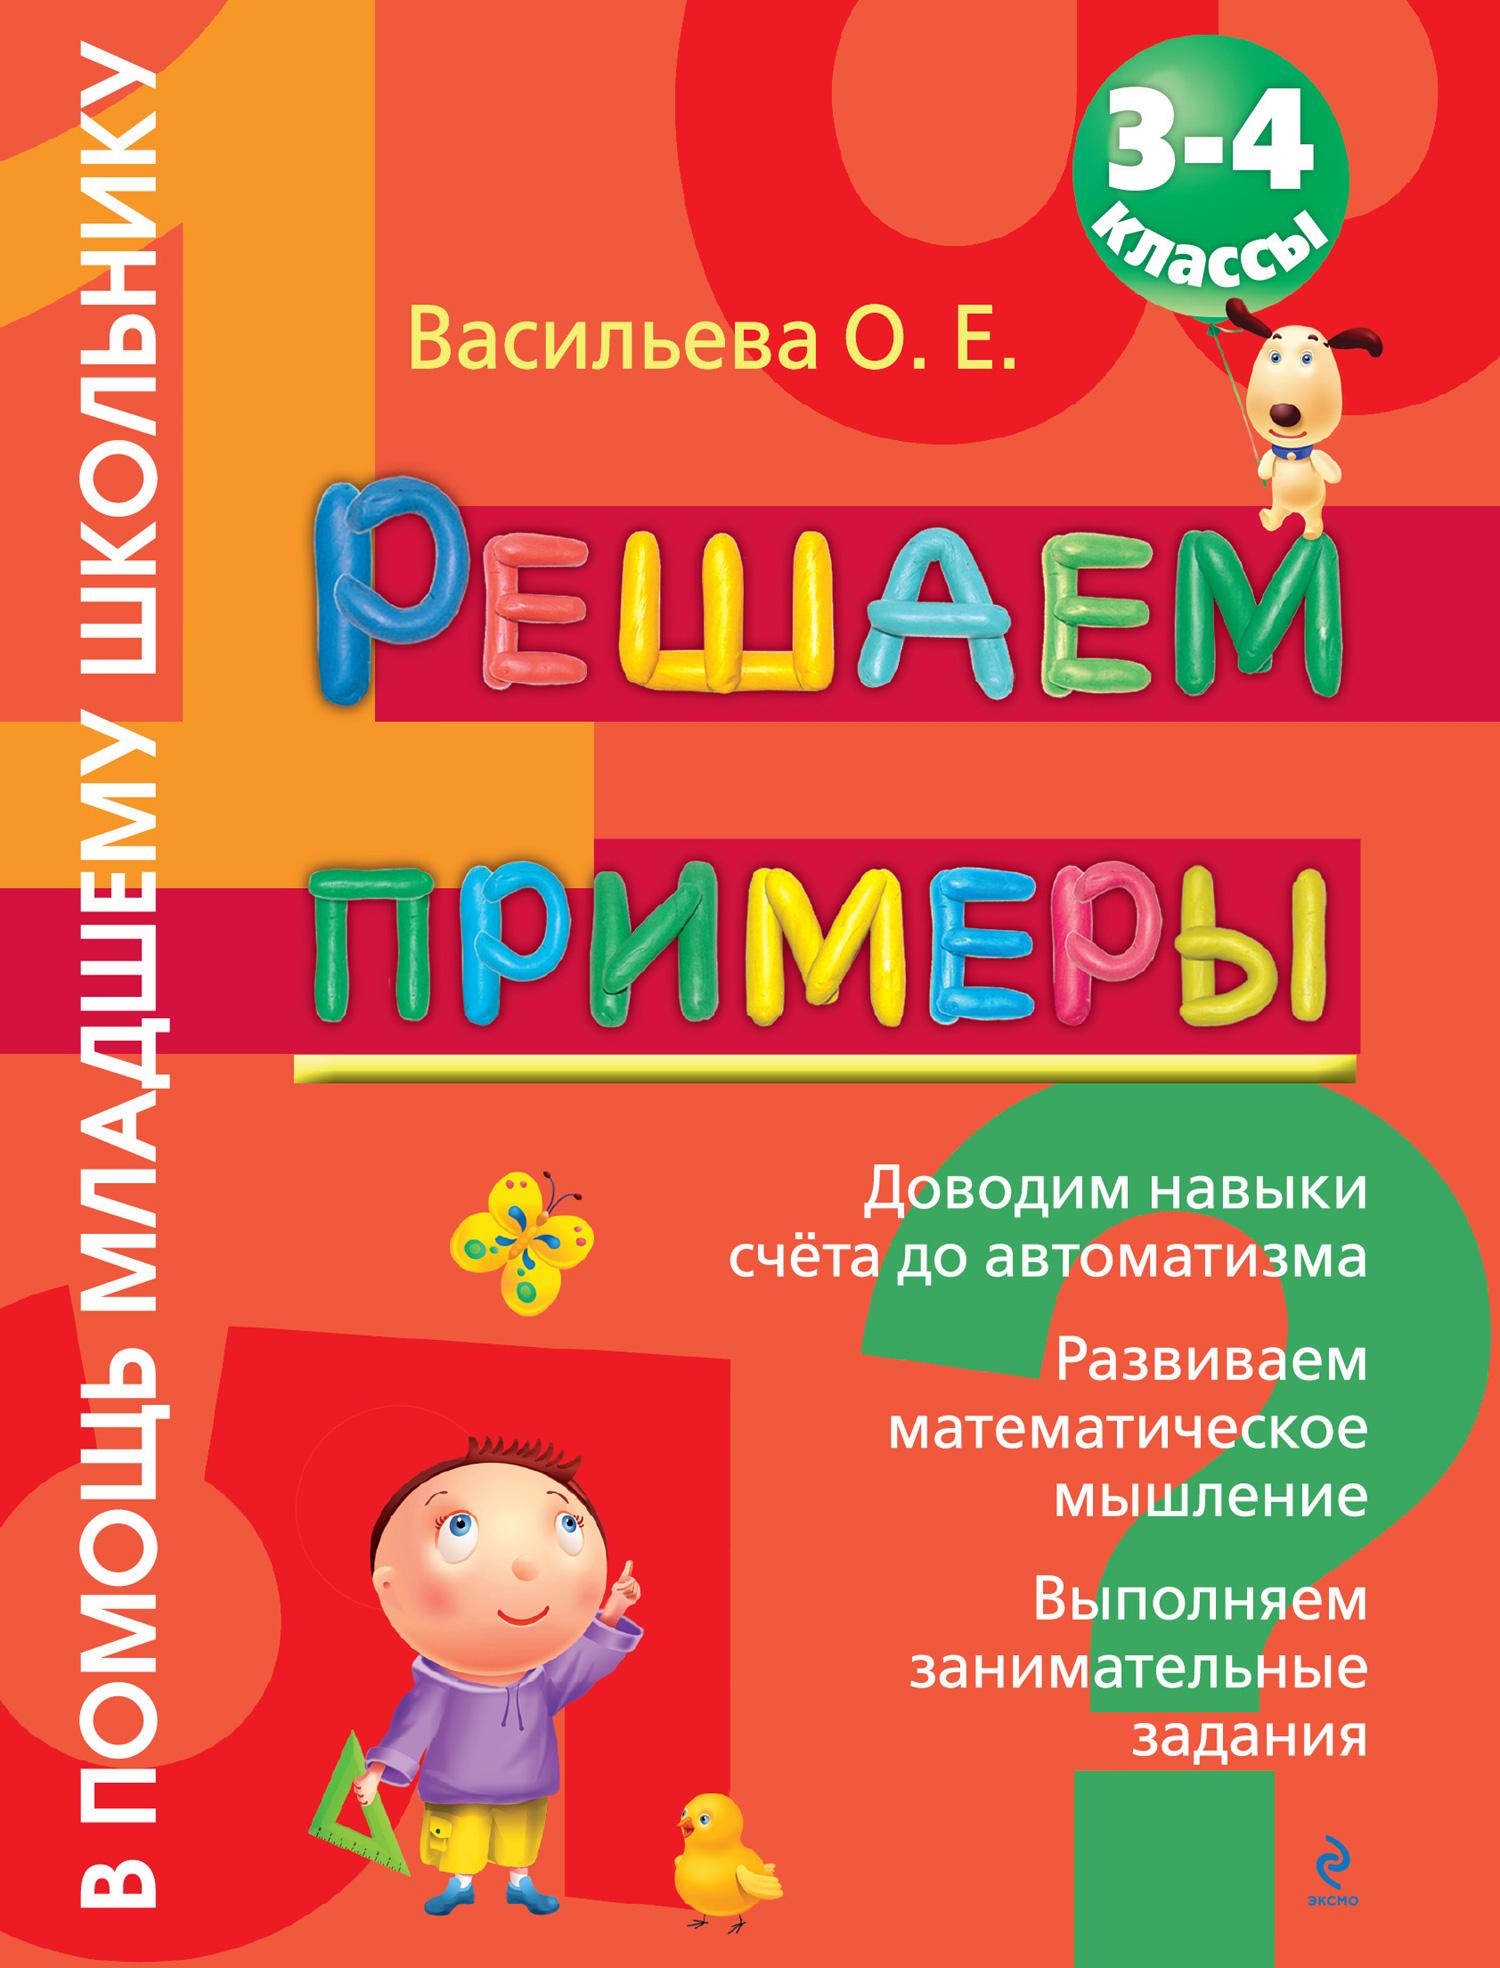 О. Е. Васильева Решаем примеры. 3-4 классы для школы нужна временная или постоянная регистрация